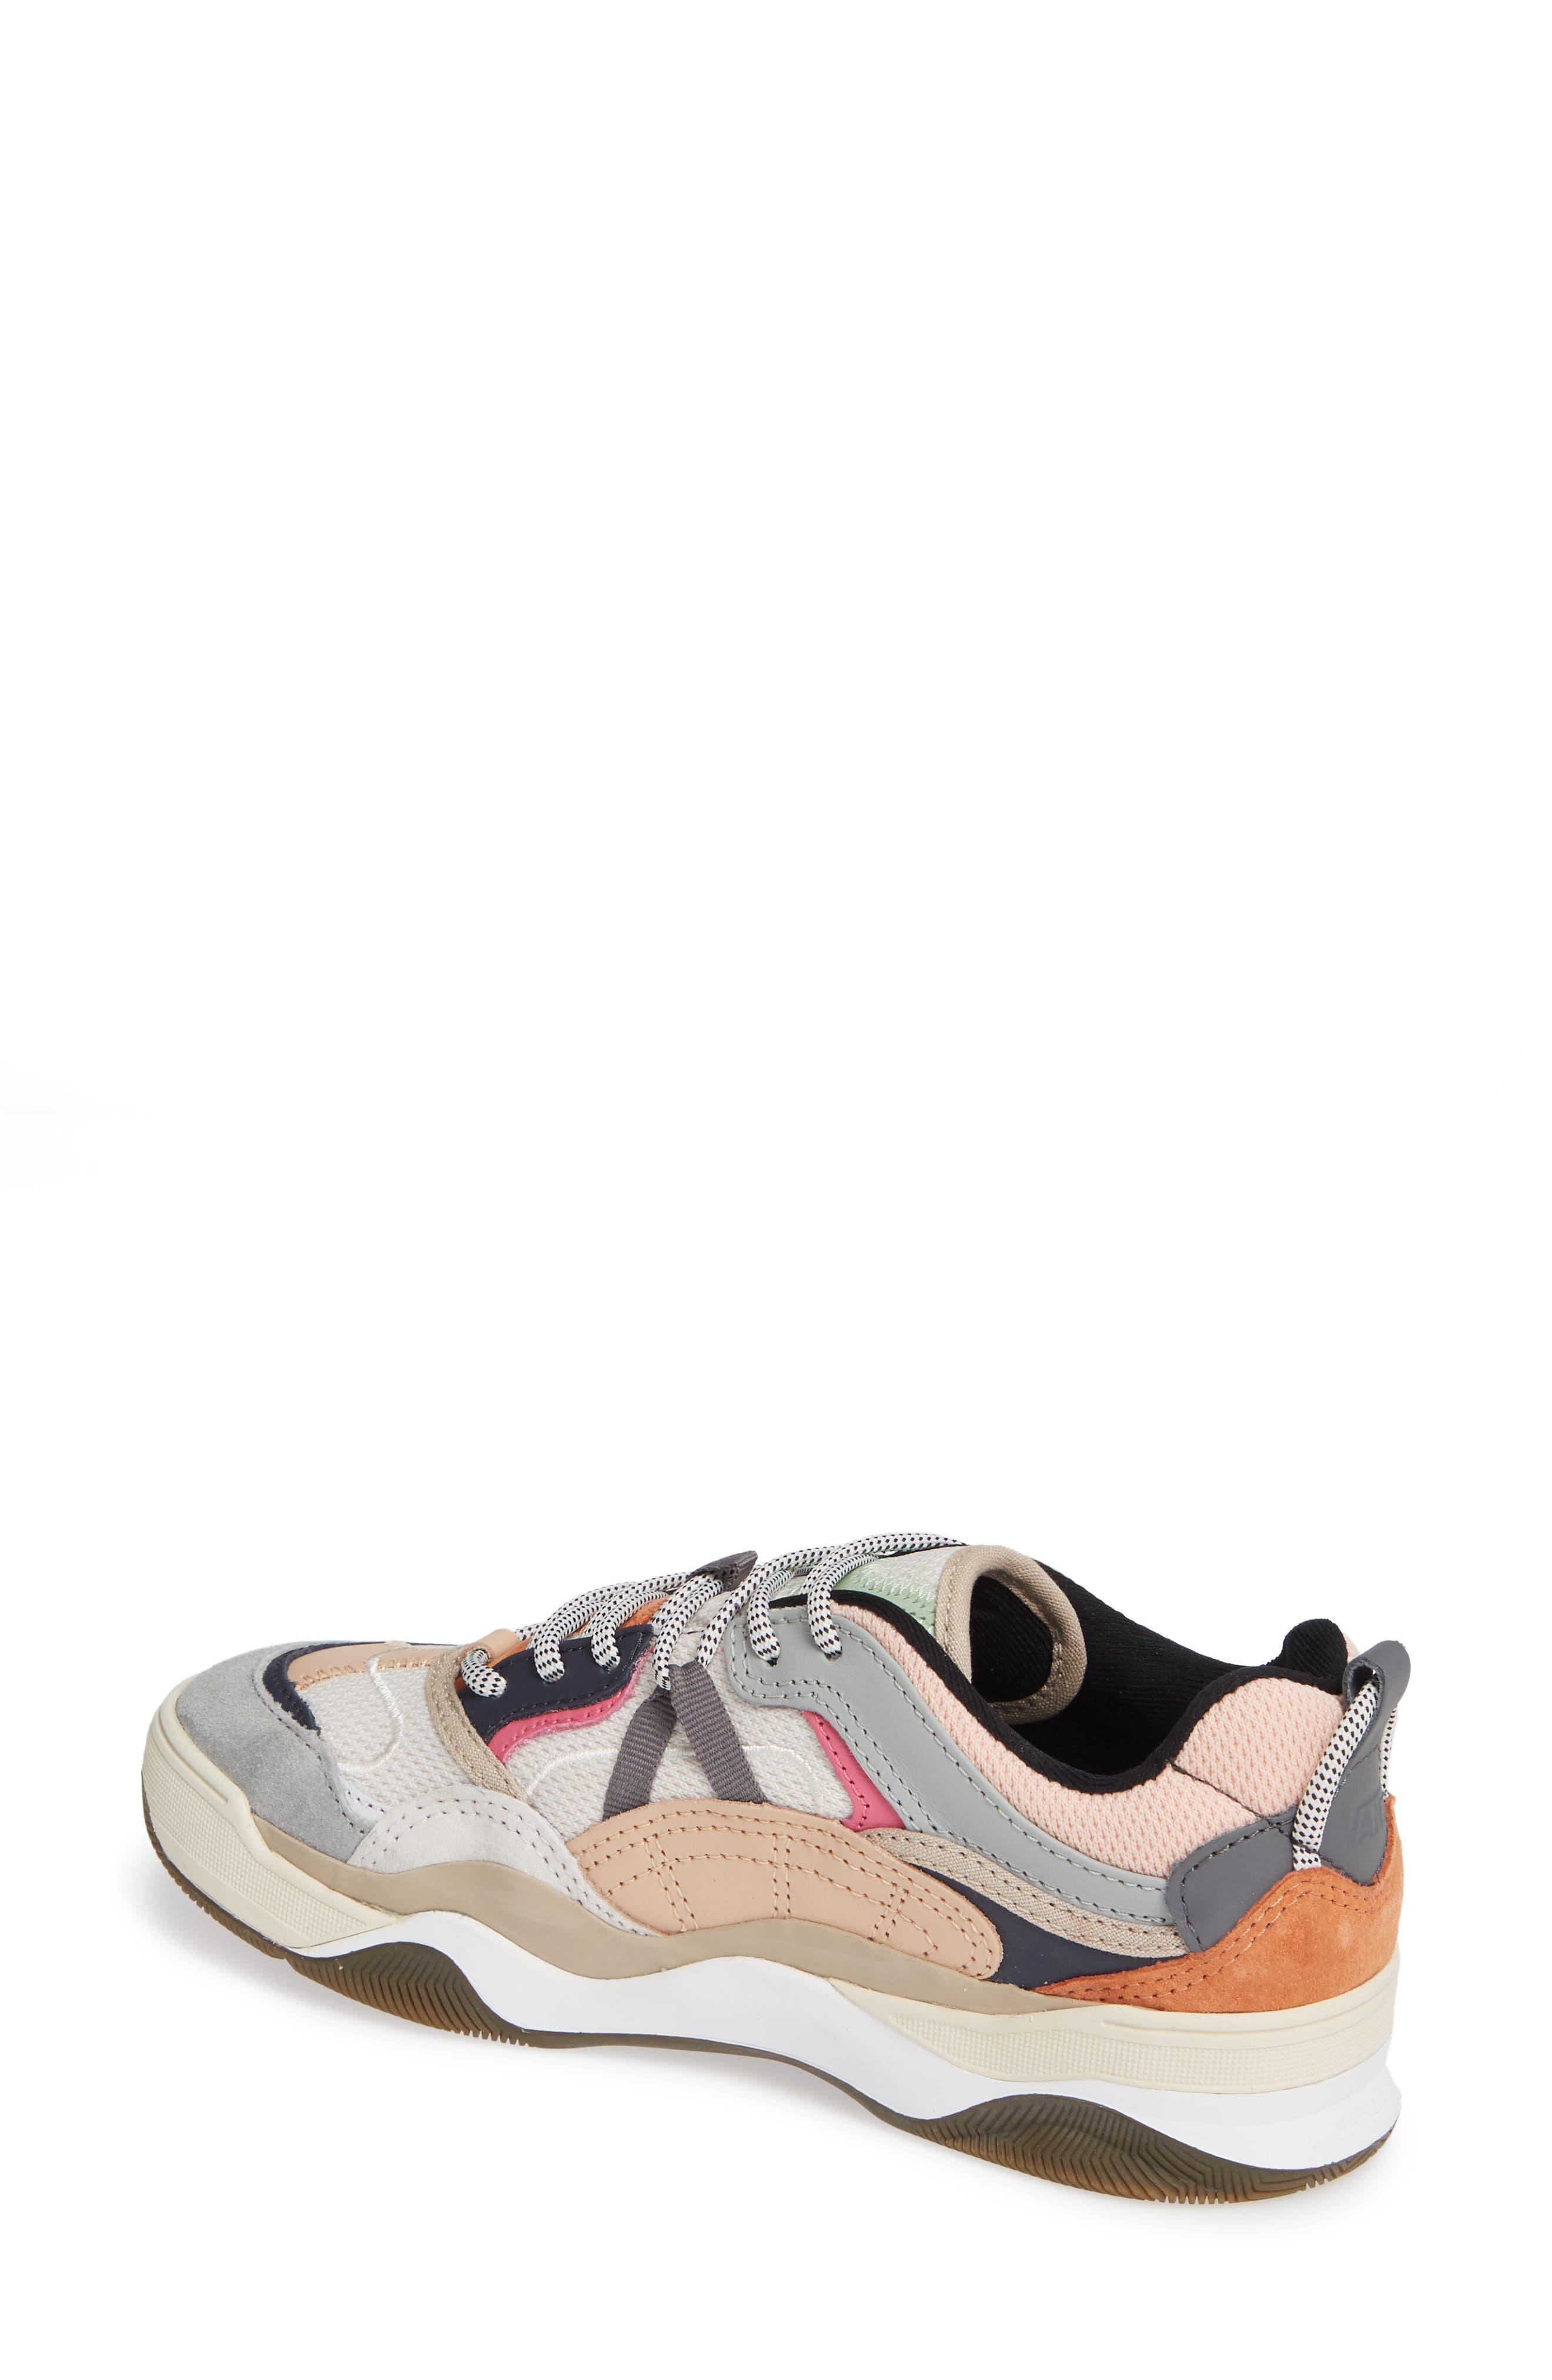 Varix WC Sneaker,                             Alternate thumbnail 2, color,                             MULTI TURTLEDOVE/ TRUE WHITE